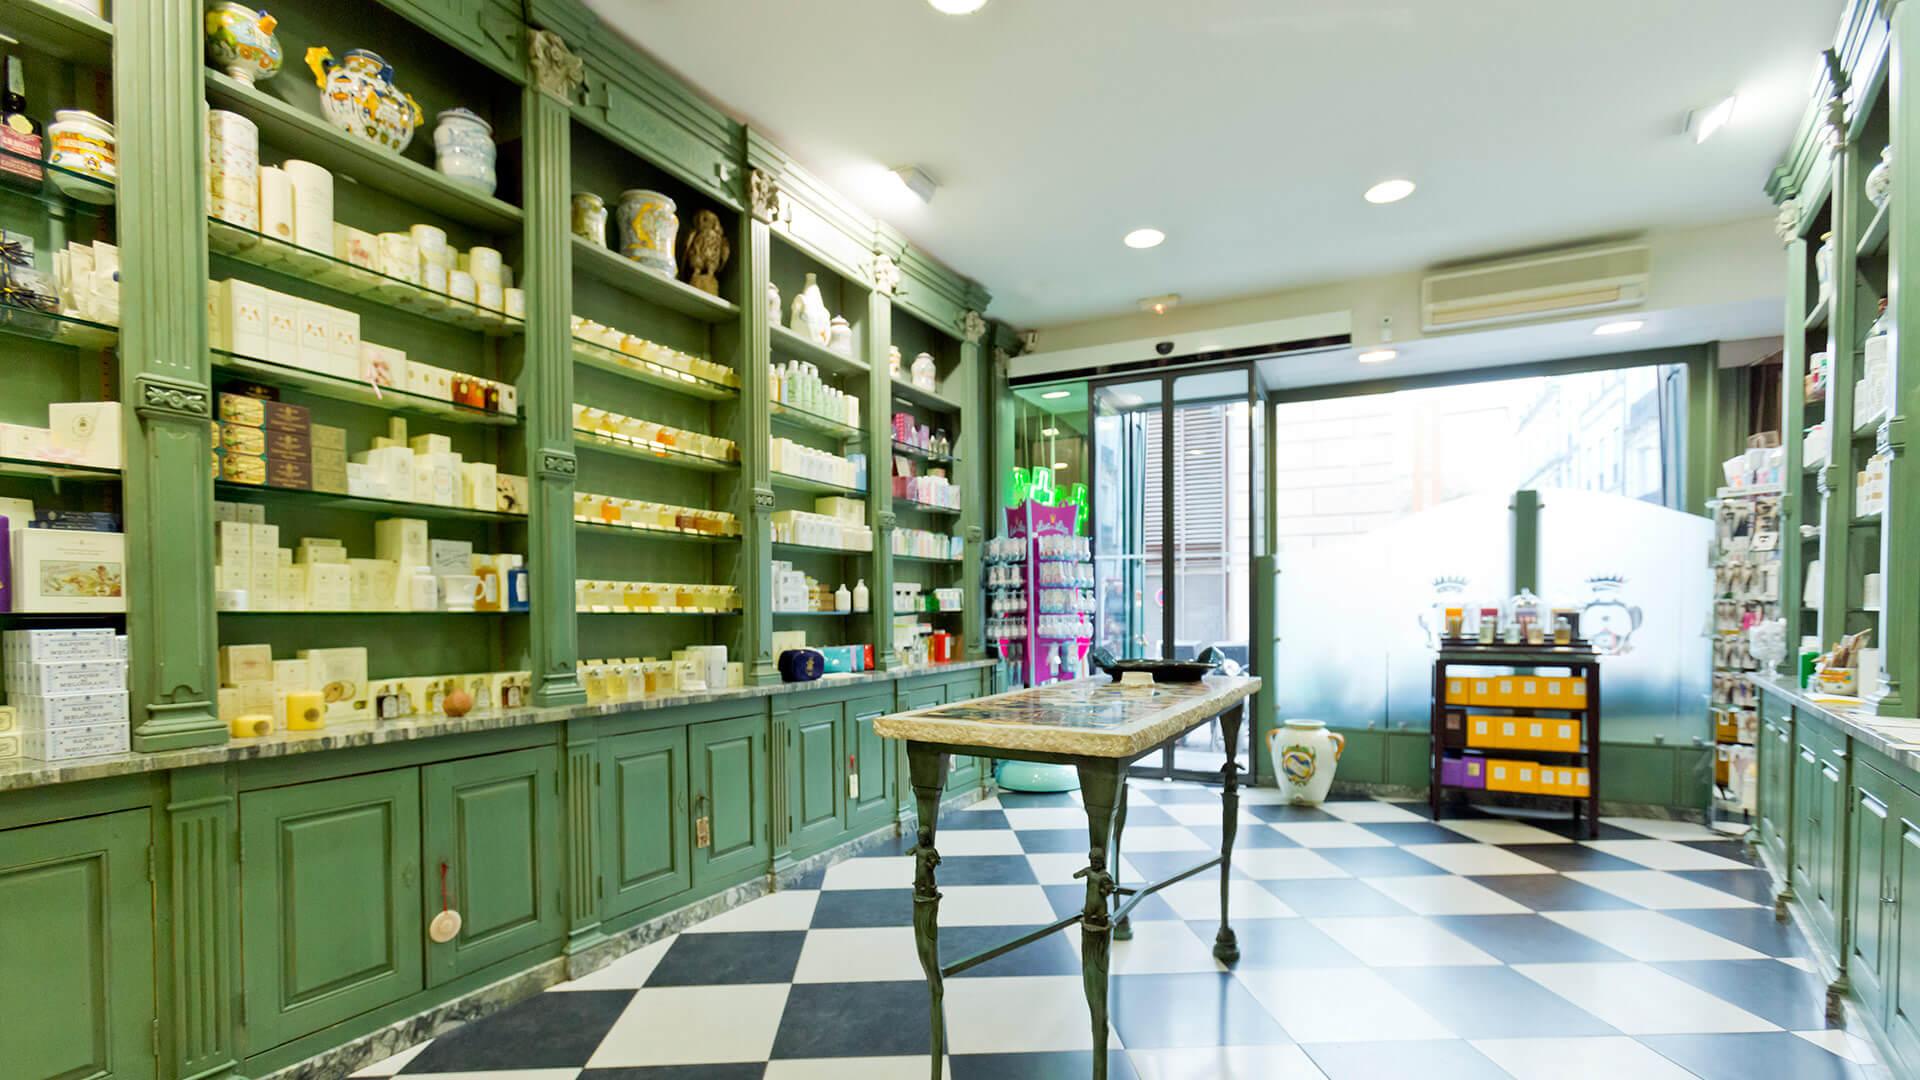 Pharmacie des rompois : Une pharmacie de confiance ?